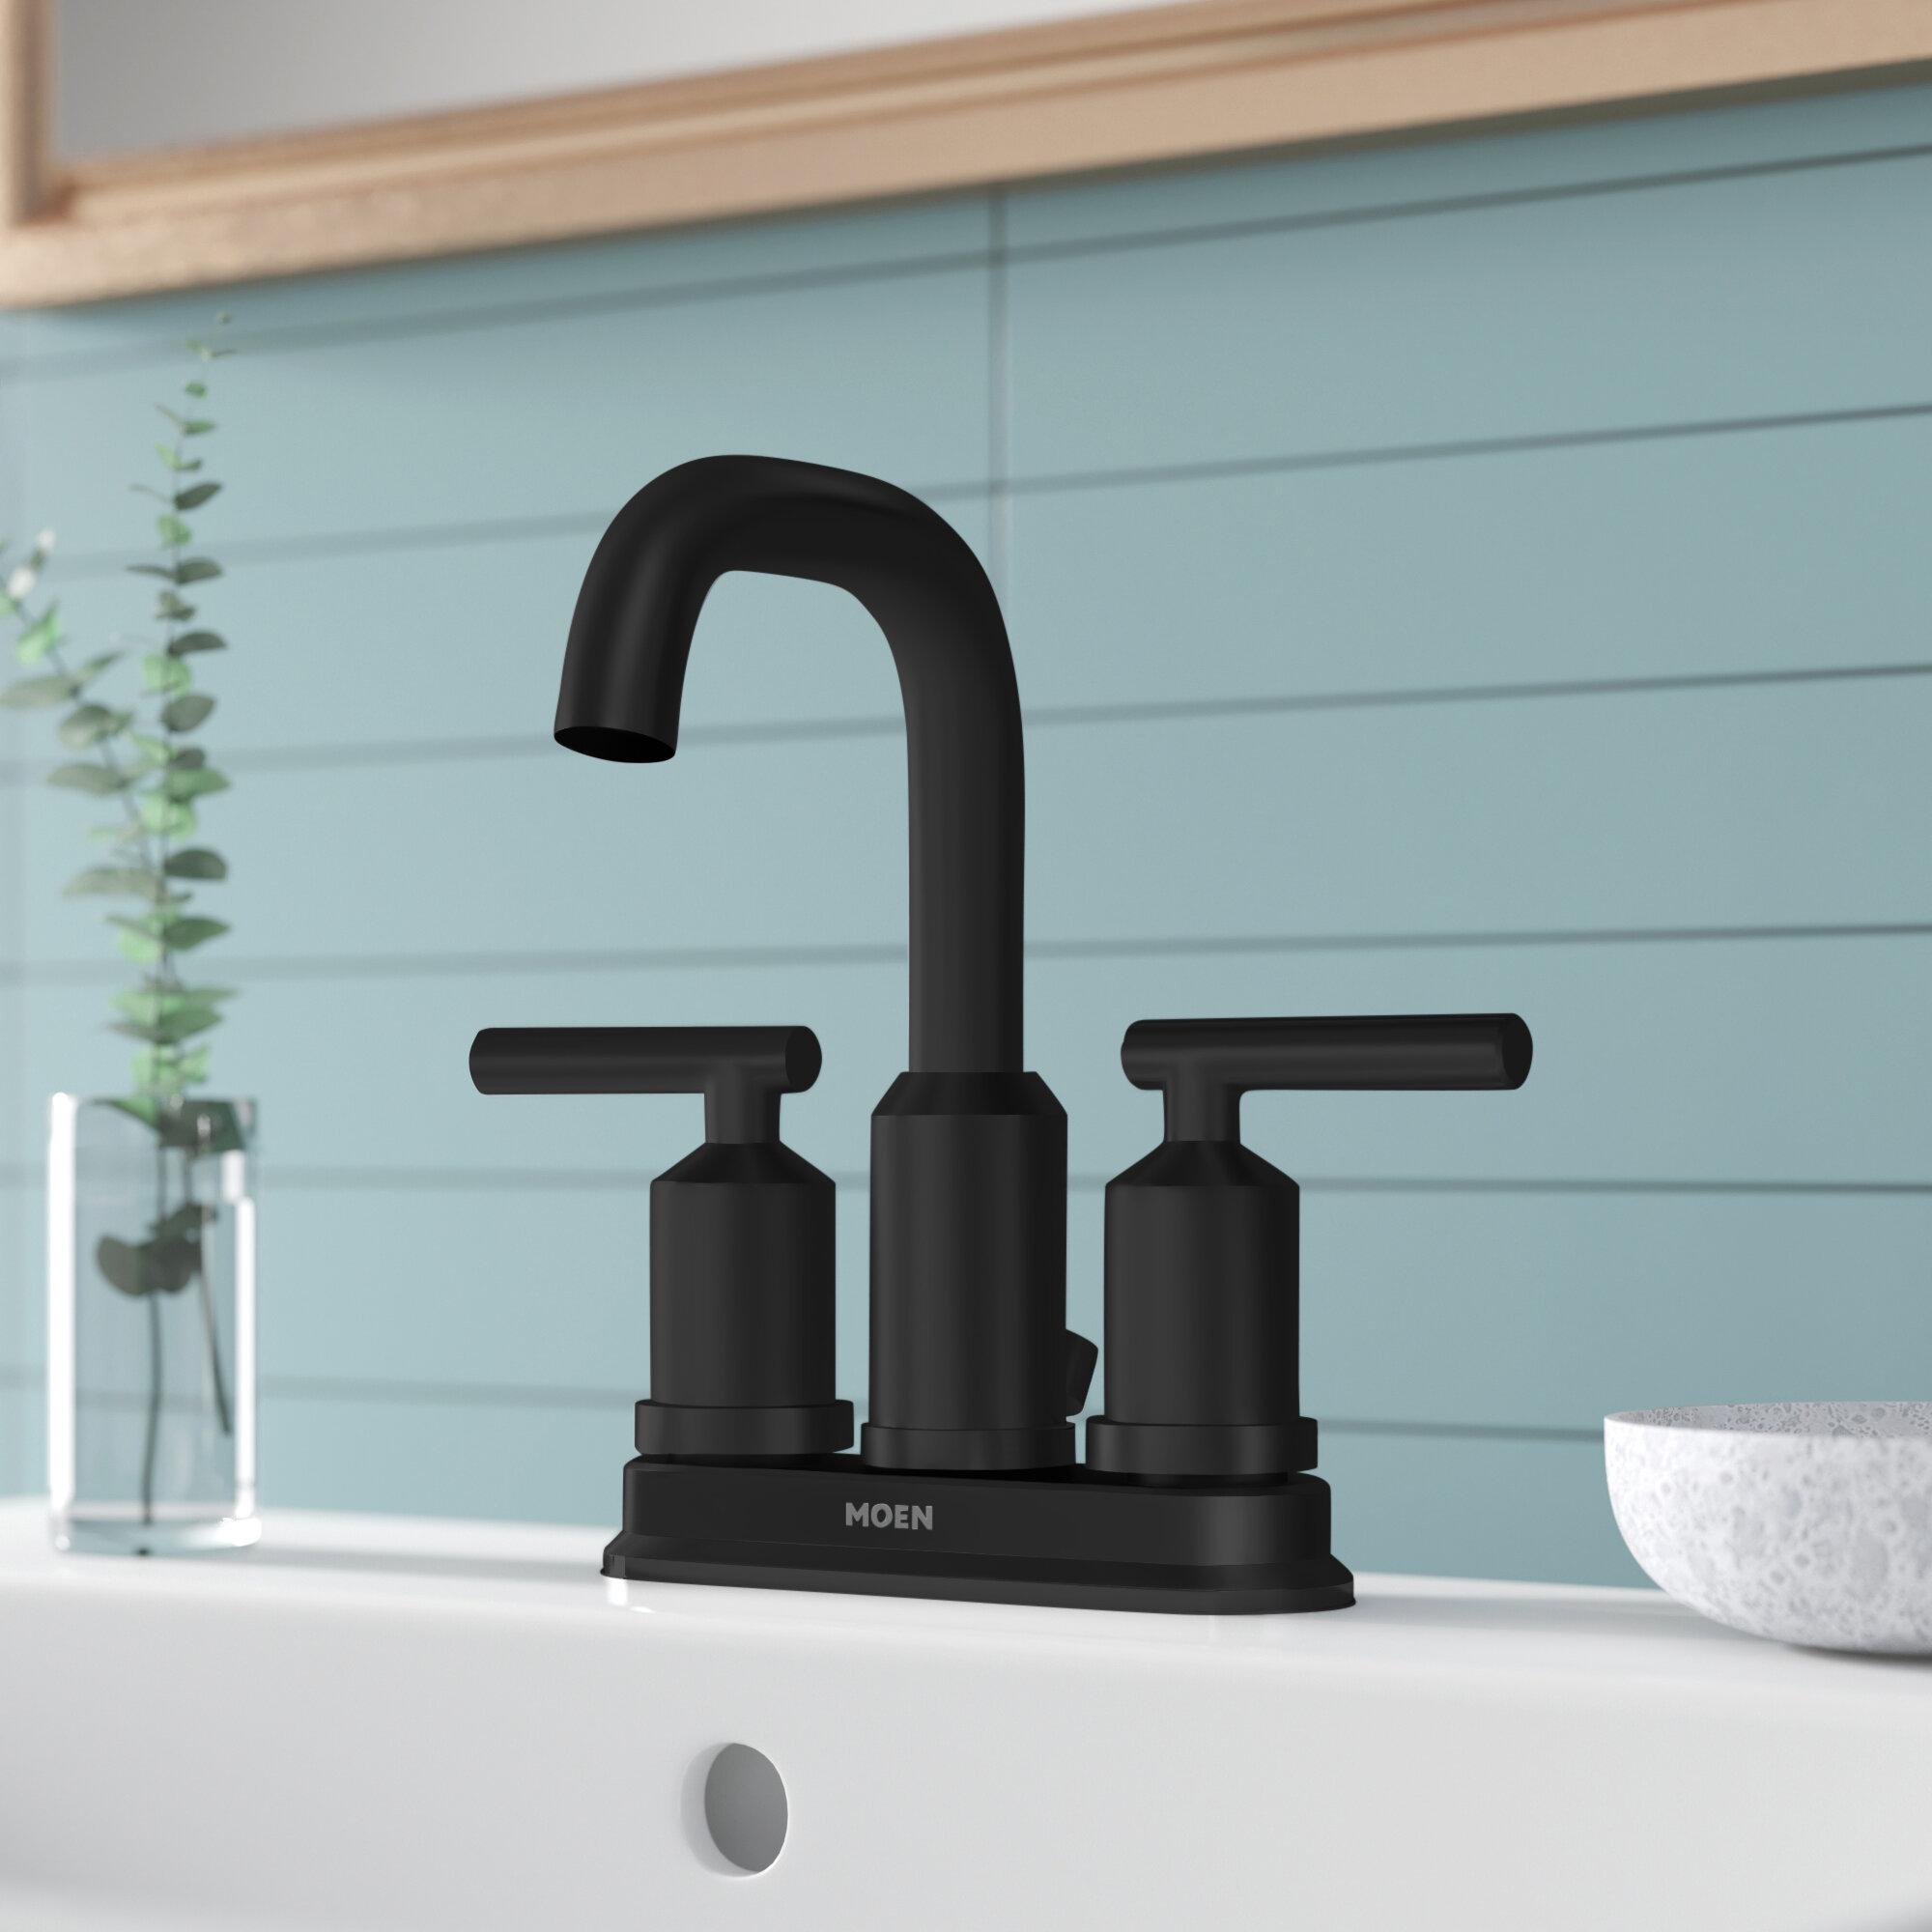 6150 Moen Gibson Centerset Bathroom Faucet With Drain Assembly Reviews Wayfair